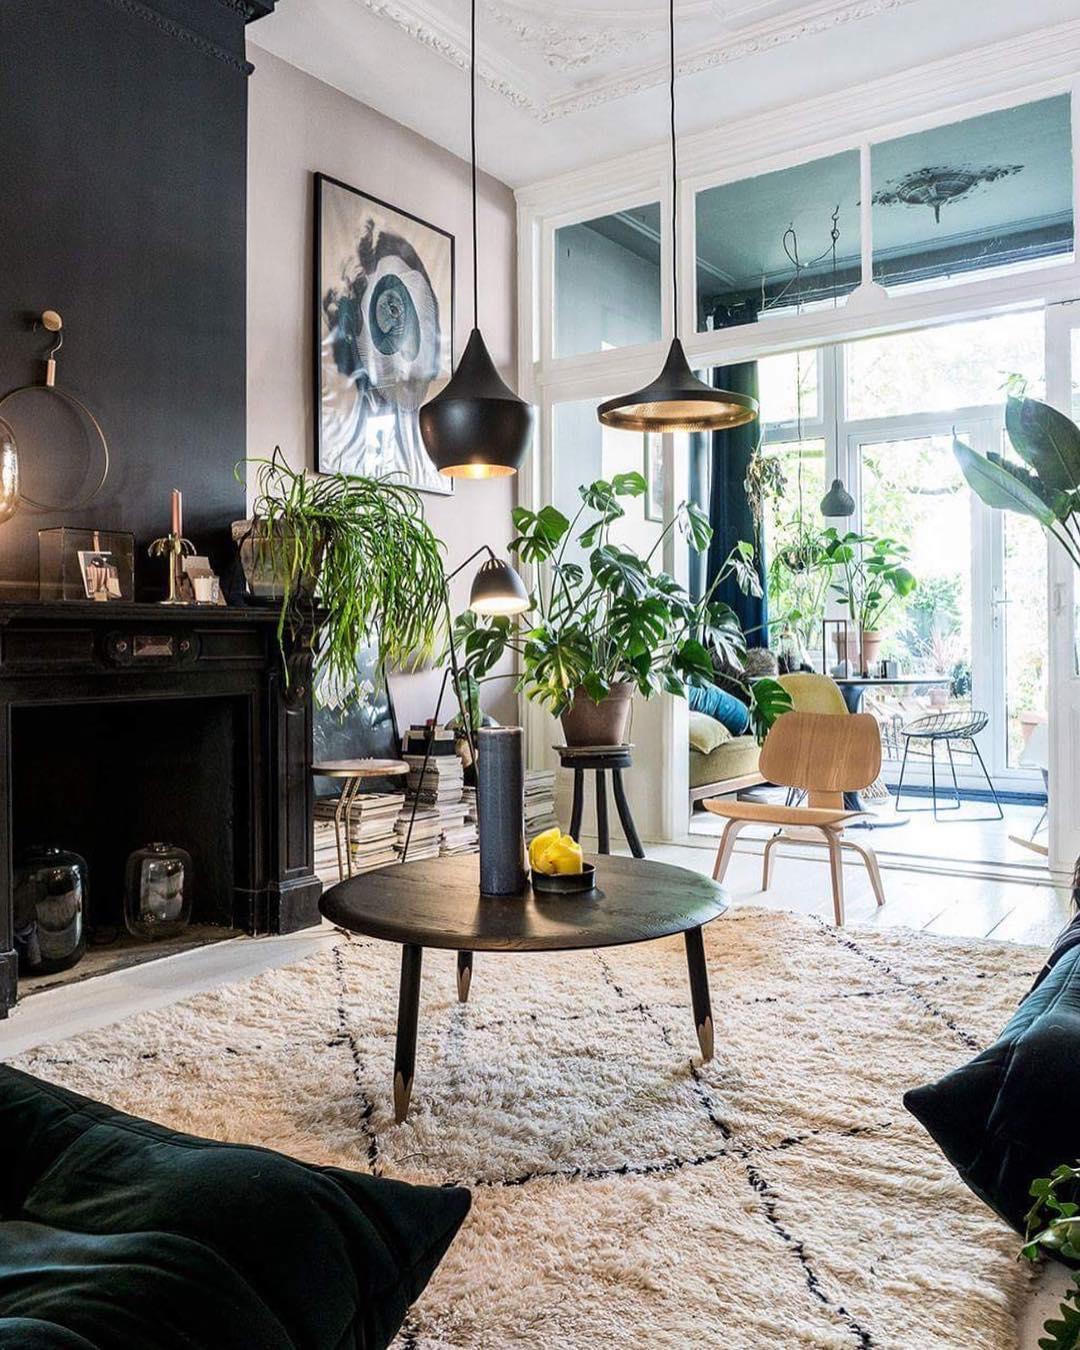 Théo-Bert Pot salon noir et blanc chaise en bois LCW du couple Eames